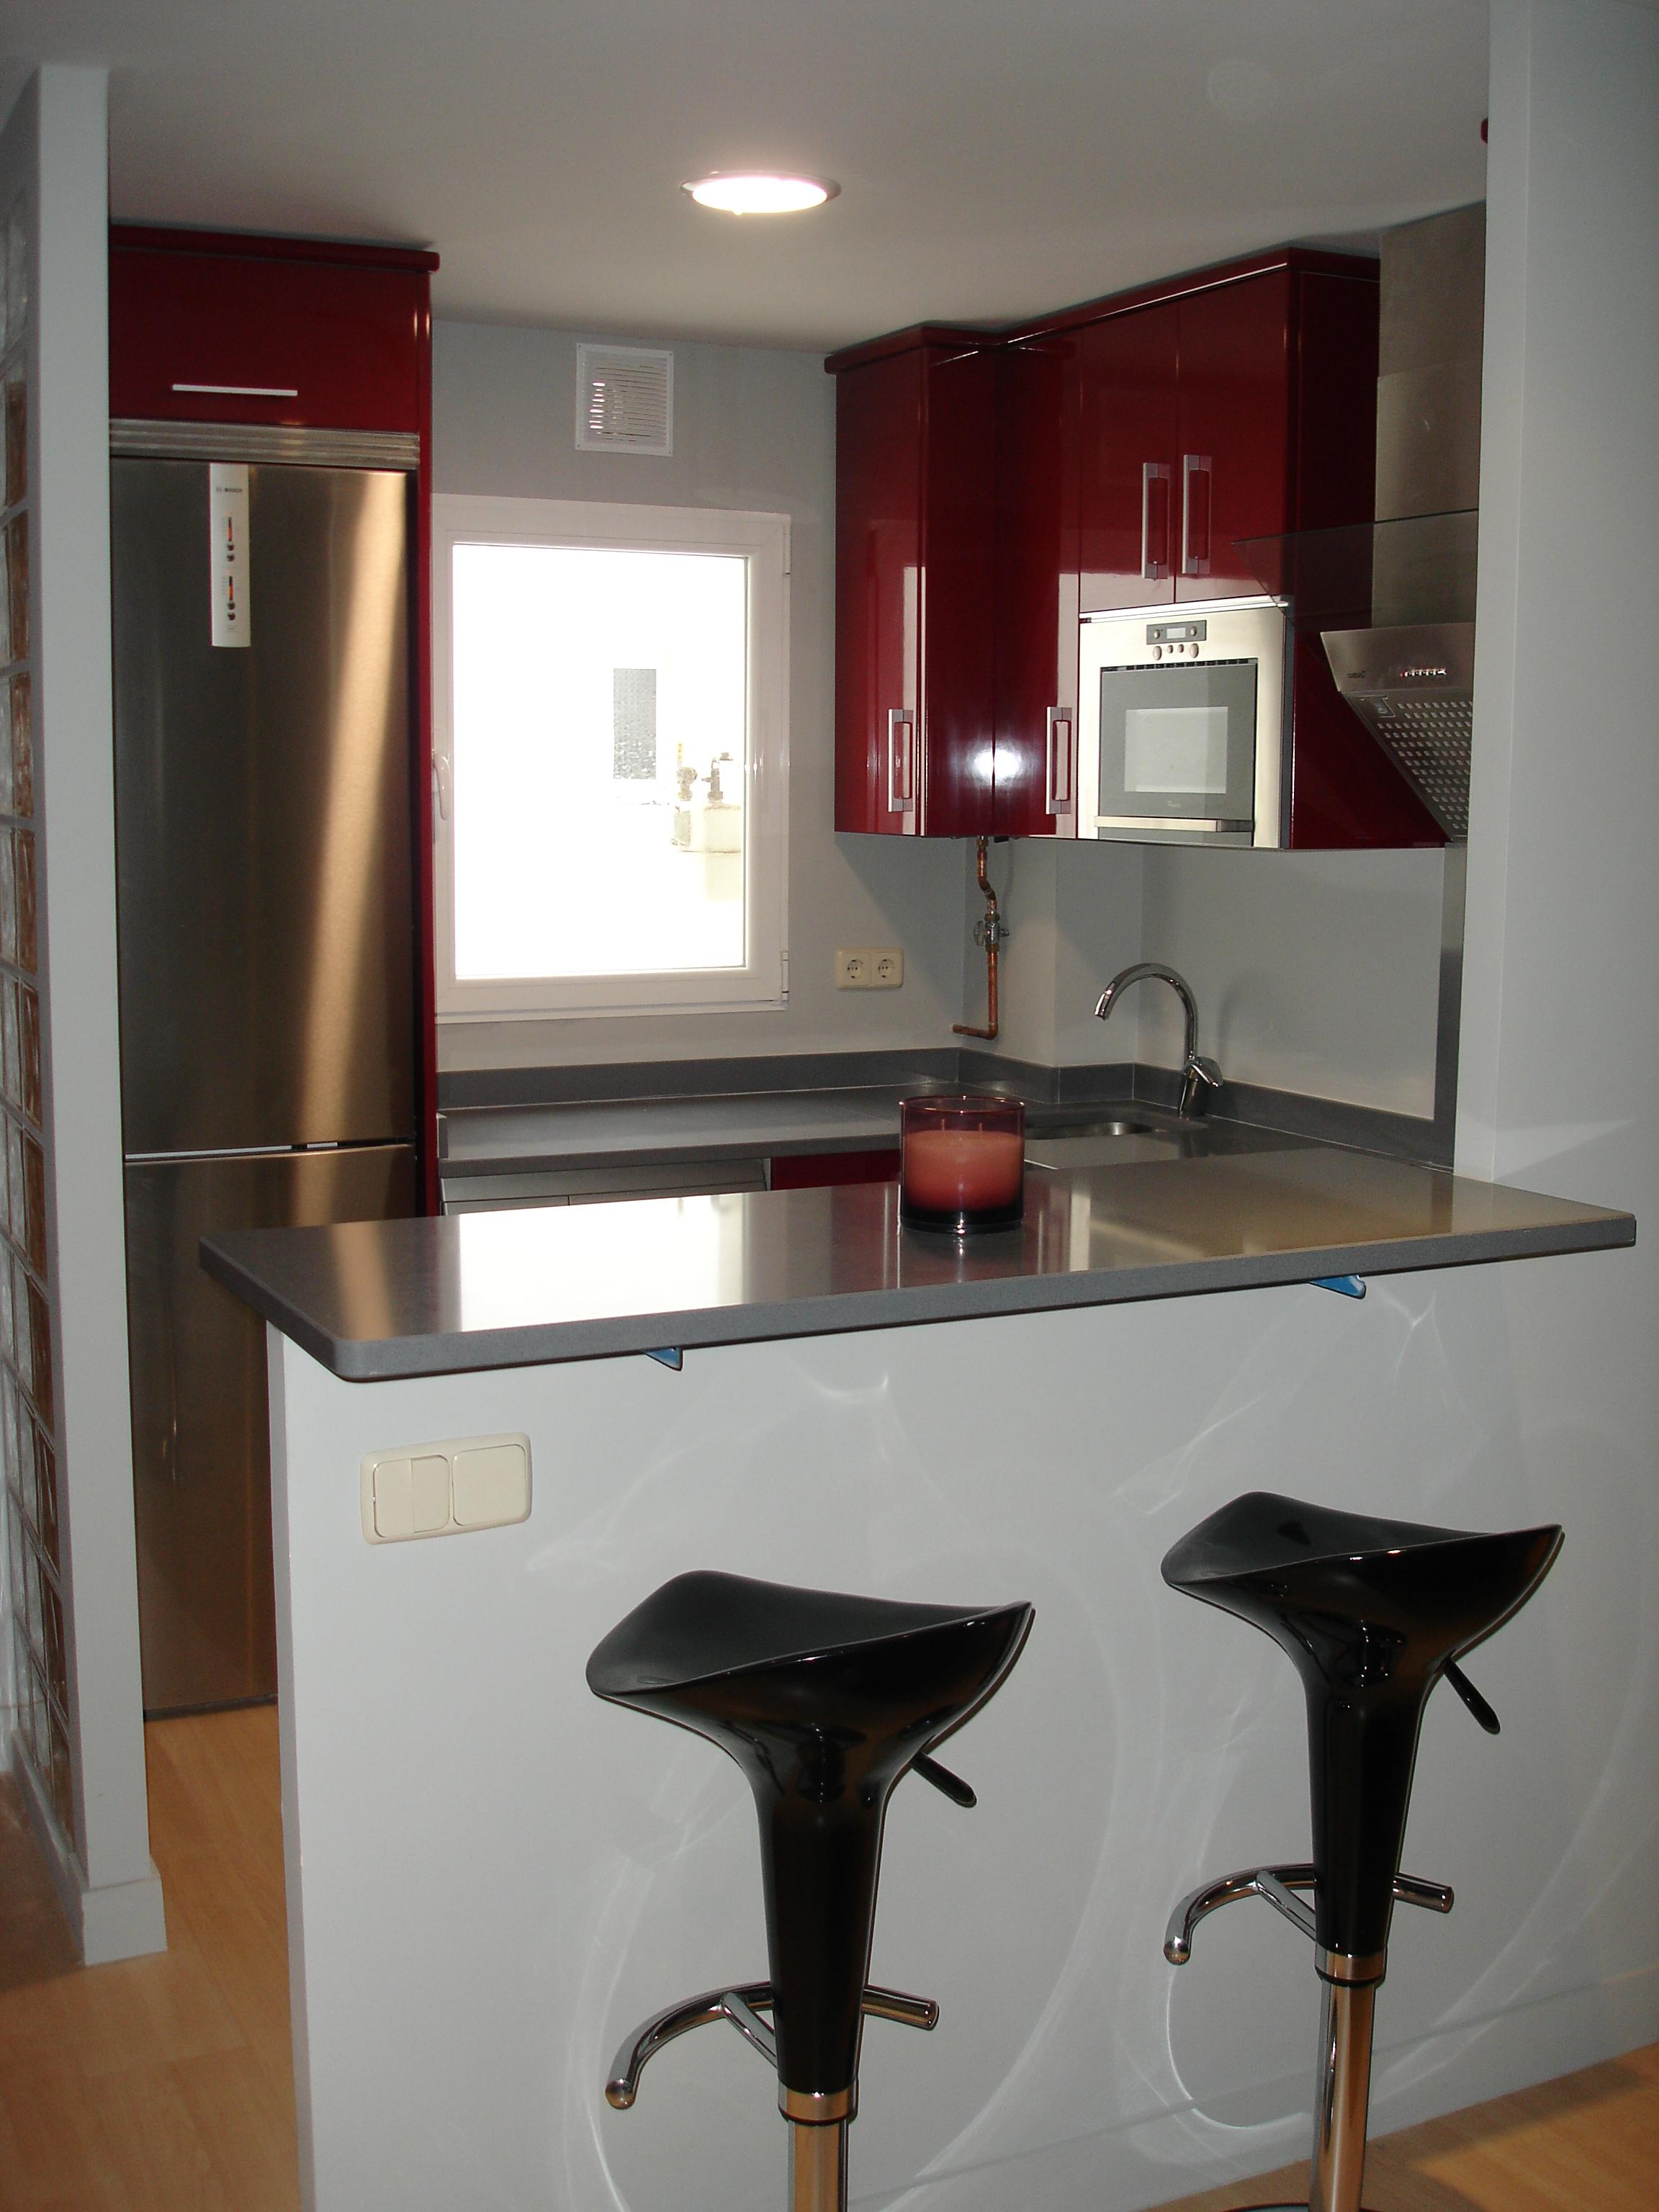 Cocina crea tu cocina ikea decoraci n de interiores y - Crea tu cocina online ...